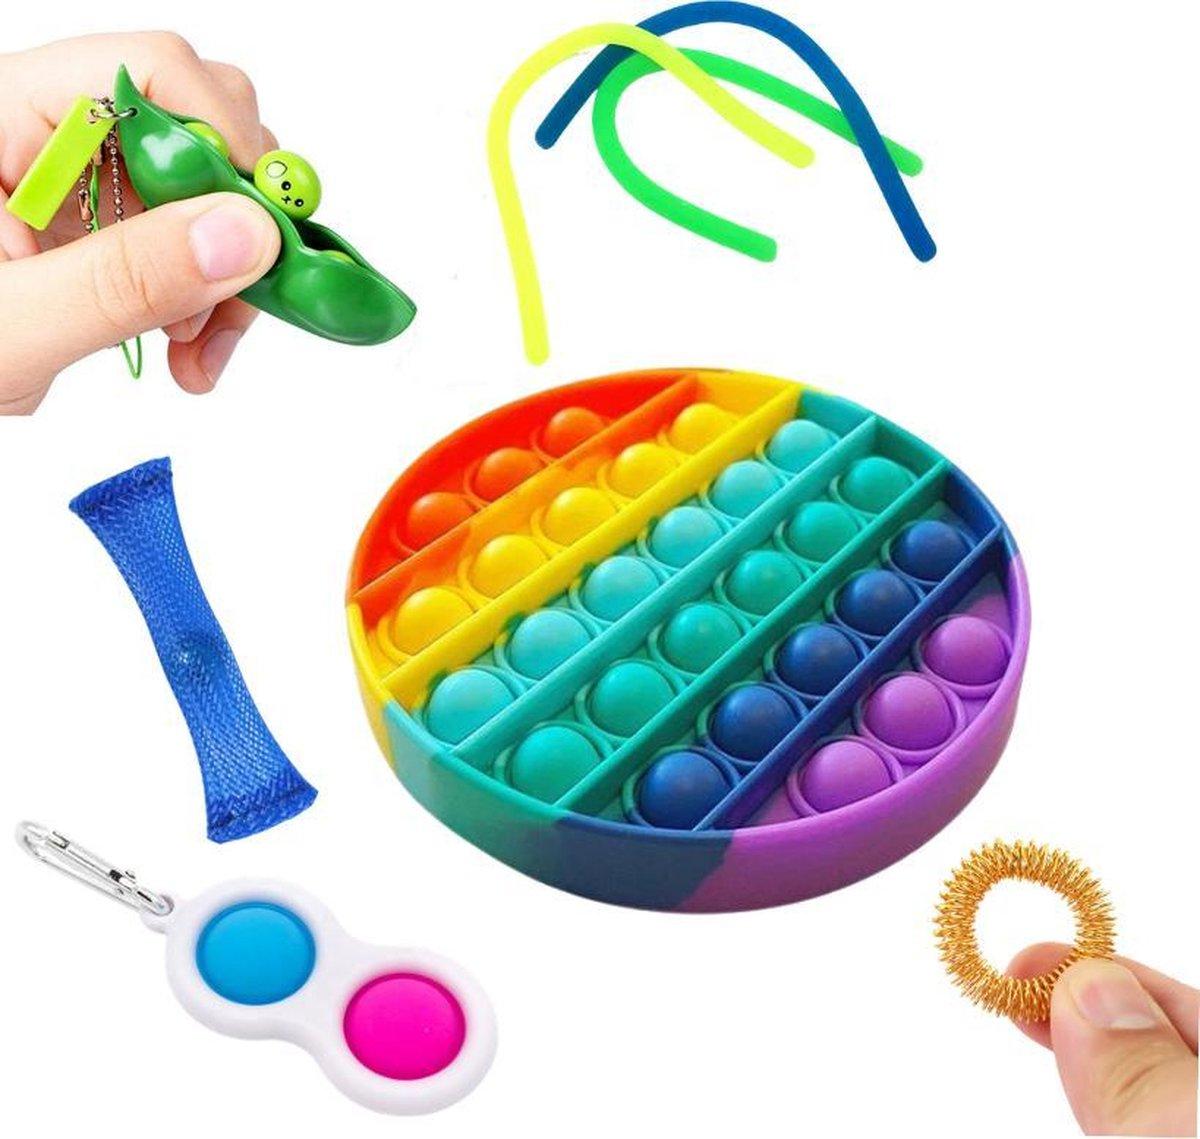 Fidget toys pakket onder de 15 euro - Fidget toy pakket onder de 10 euro - 4 delig - Fidget Toys - P